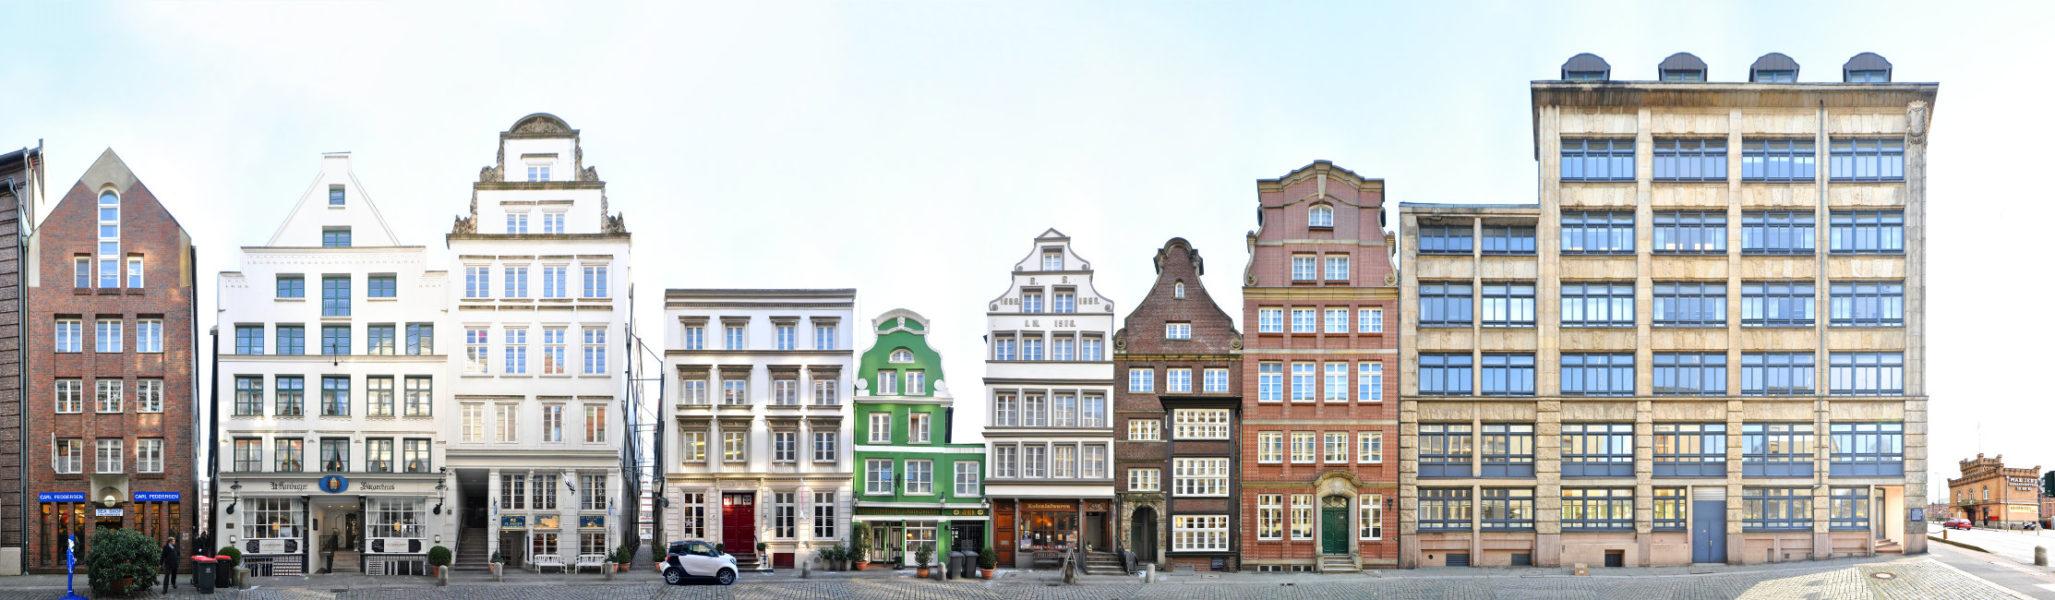 Deichstrasse | Old Town